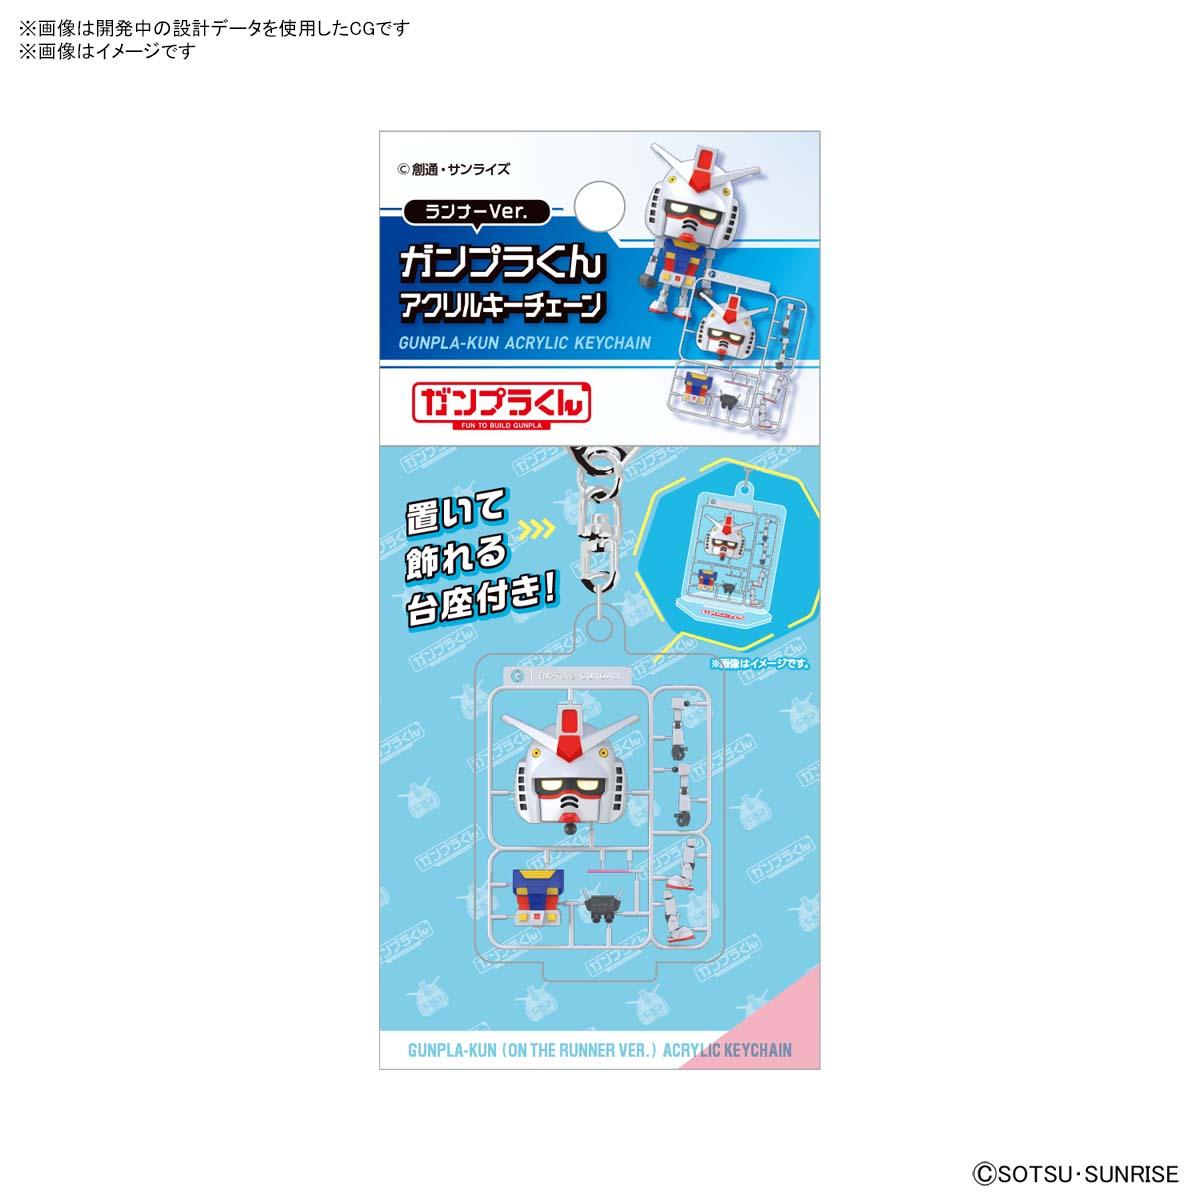 ガンプラくん(ランナーVer.)アクリルキーチェーン 商品画像